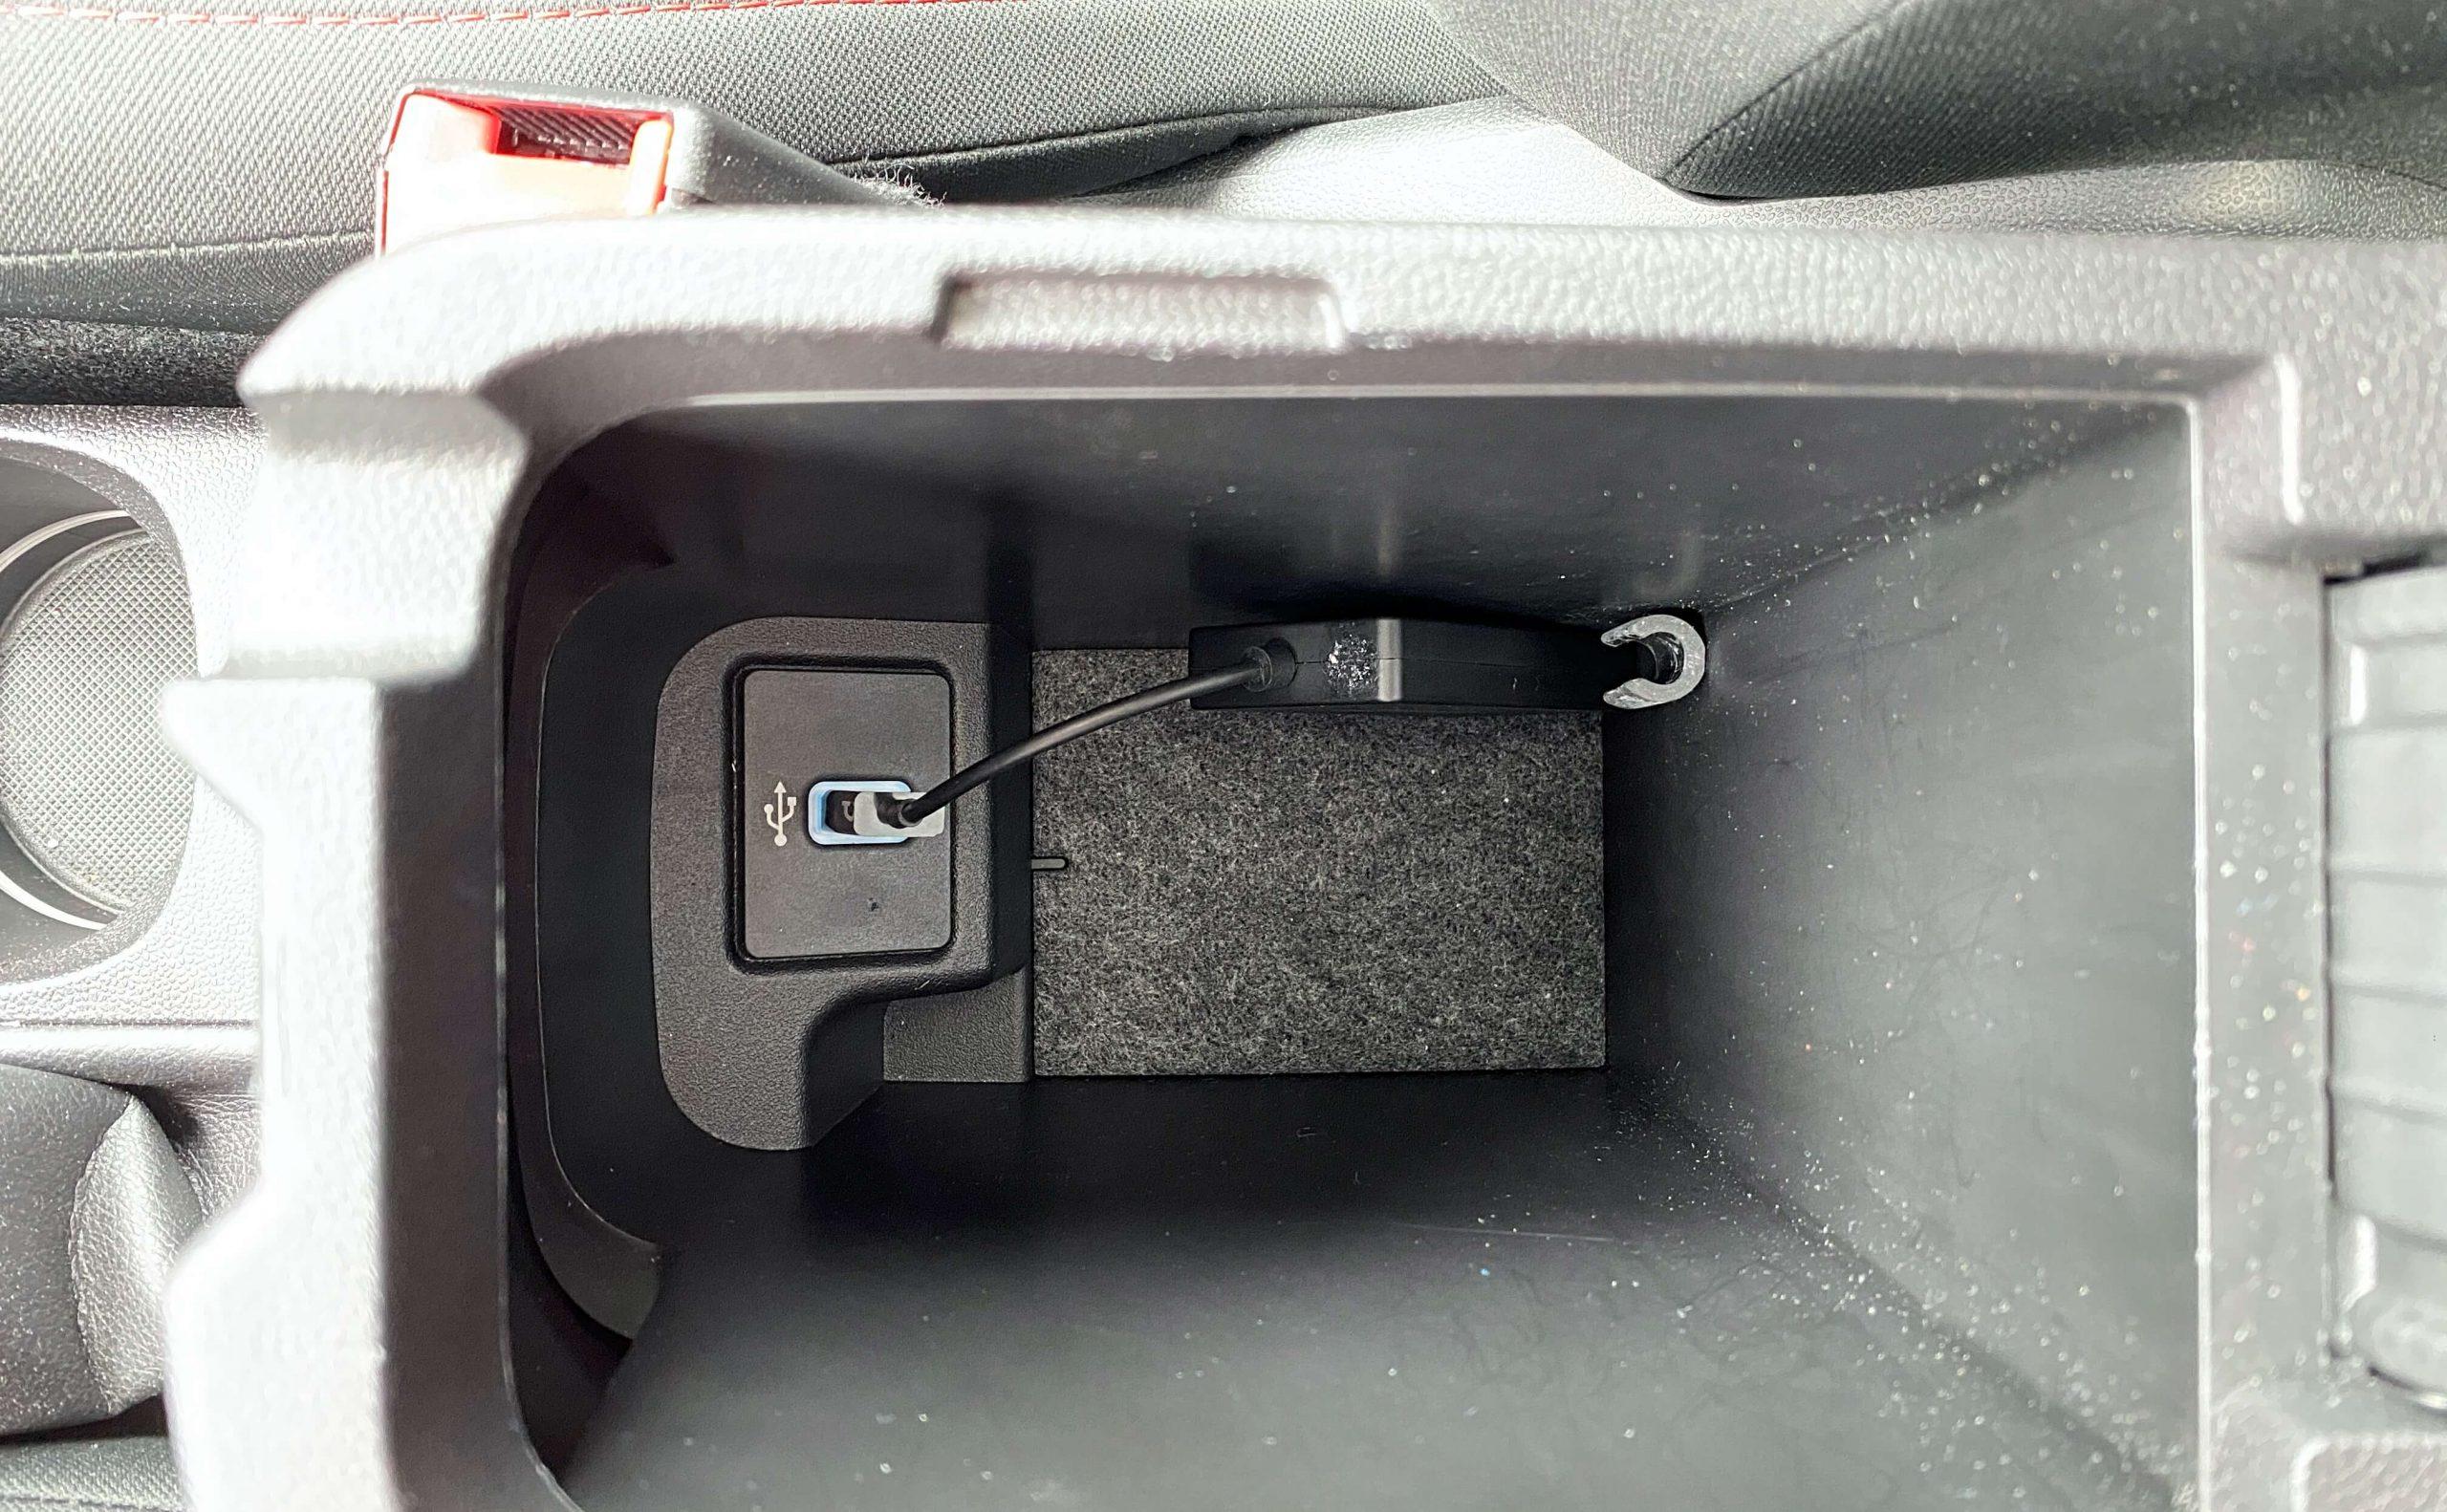 Wireless-CarPlay-Adapter-von-Carlinkit-vorhandenem-Apple-CarPlay-das-Kabel-nehmen4-scaled Wireless CarPlay Adapter von Carlinkit  - vorhandenes Apple CarPlay kabellos machen